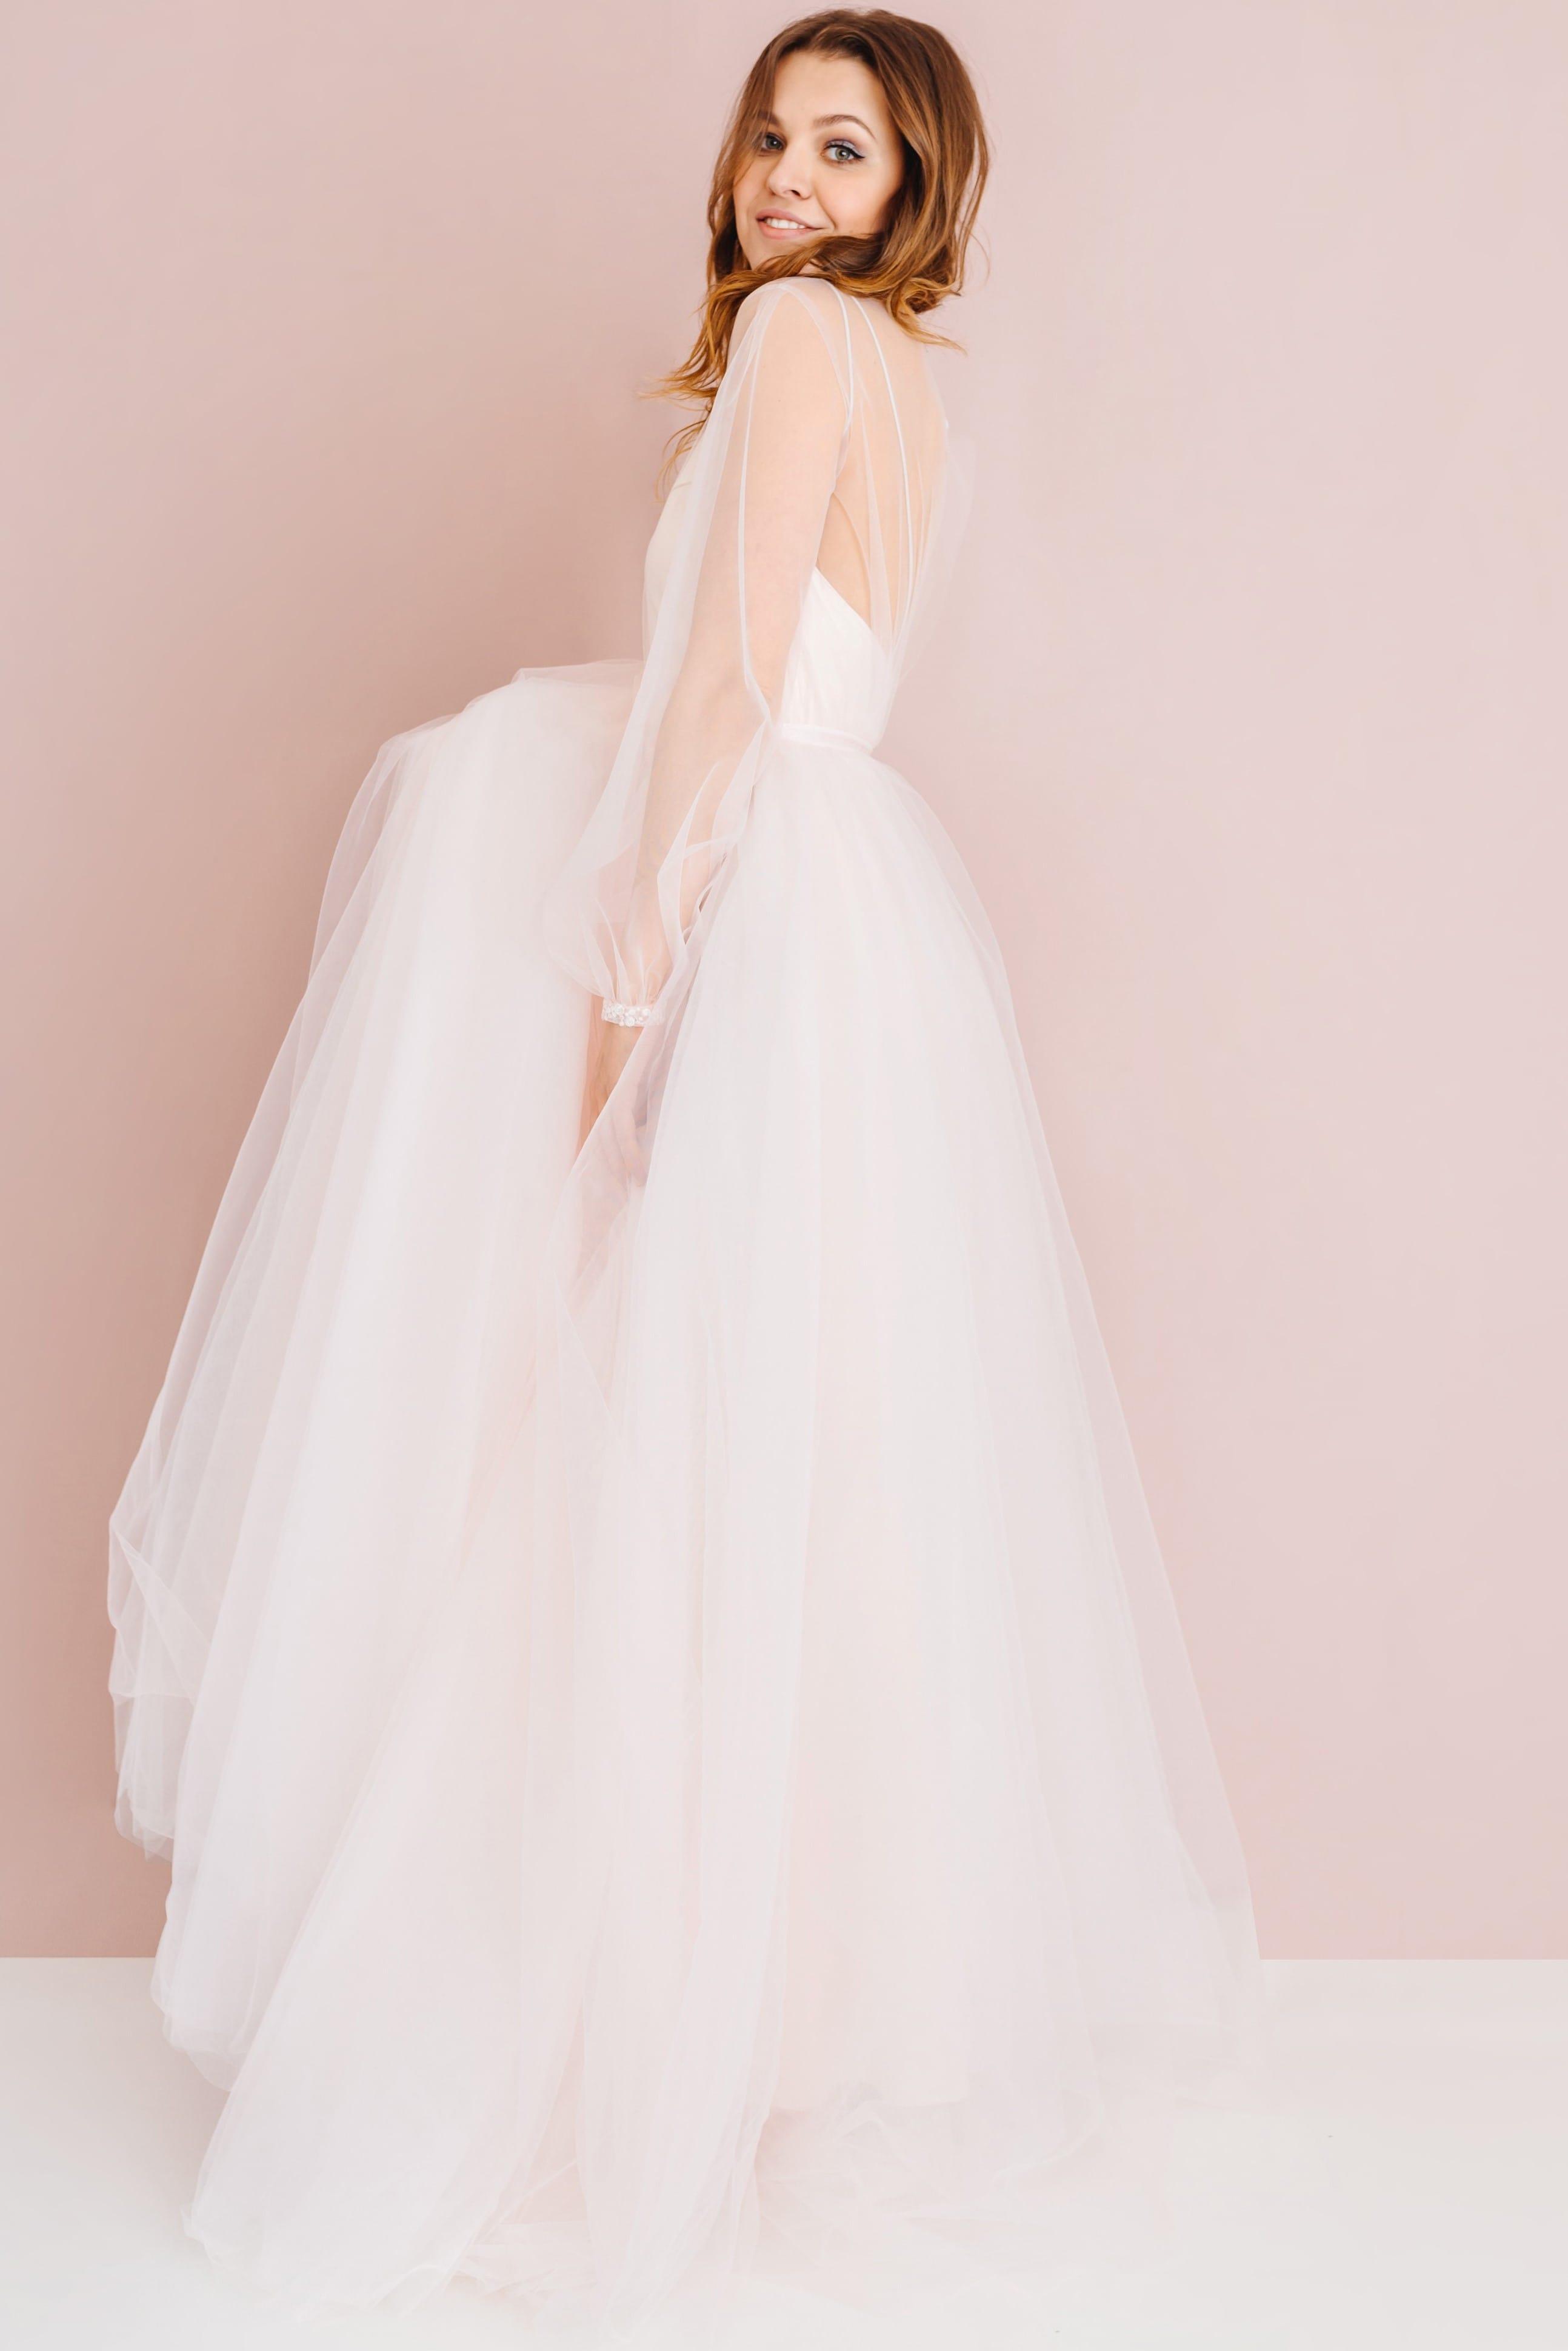 Свадебное платье FERGY, коллекция LOFT, бренд RARE BRIDAL, фото 1